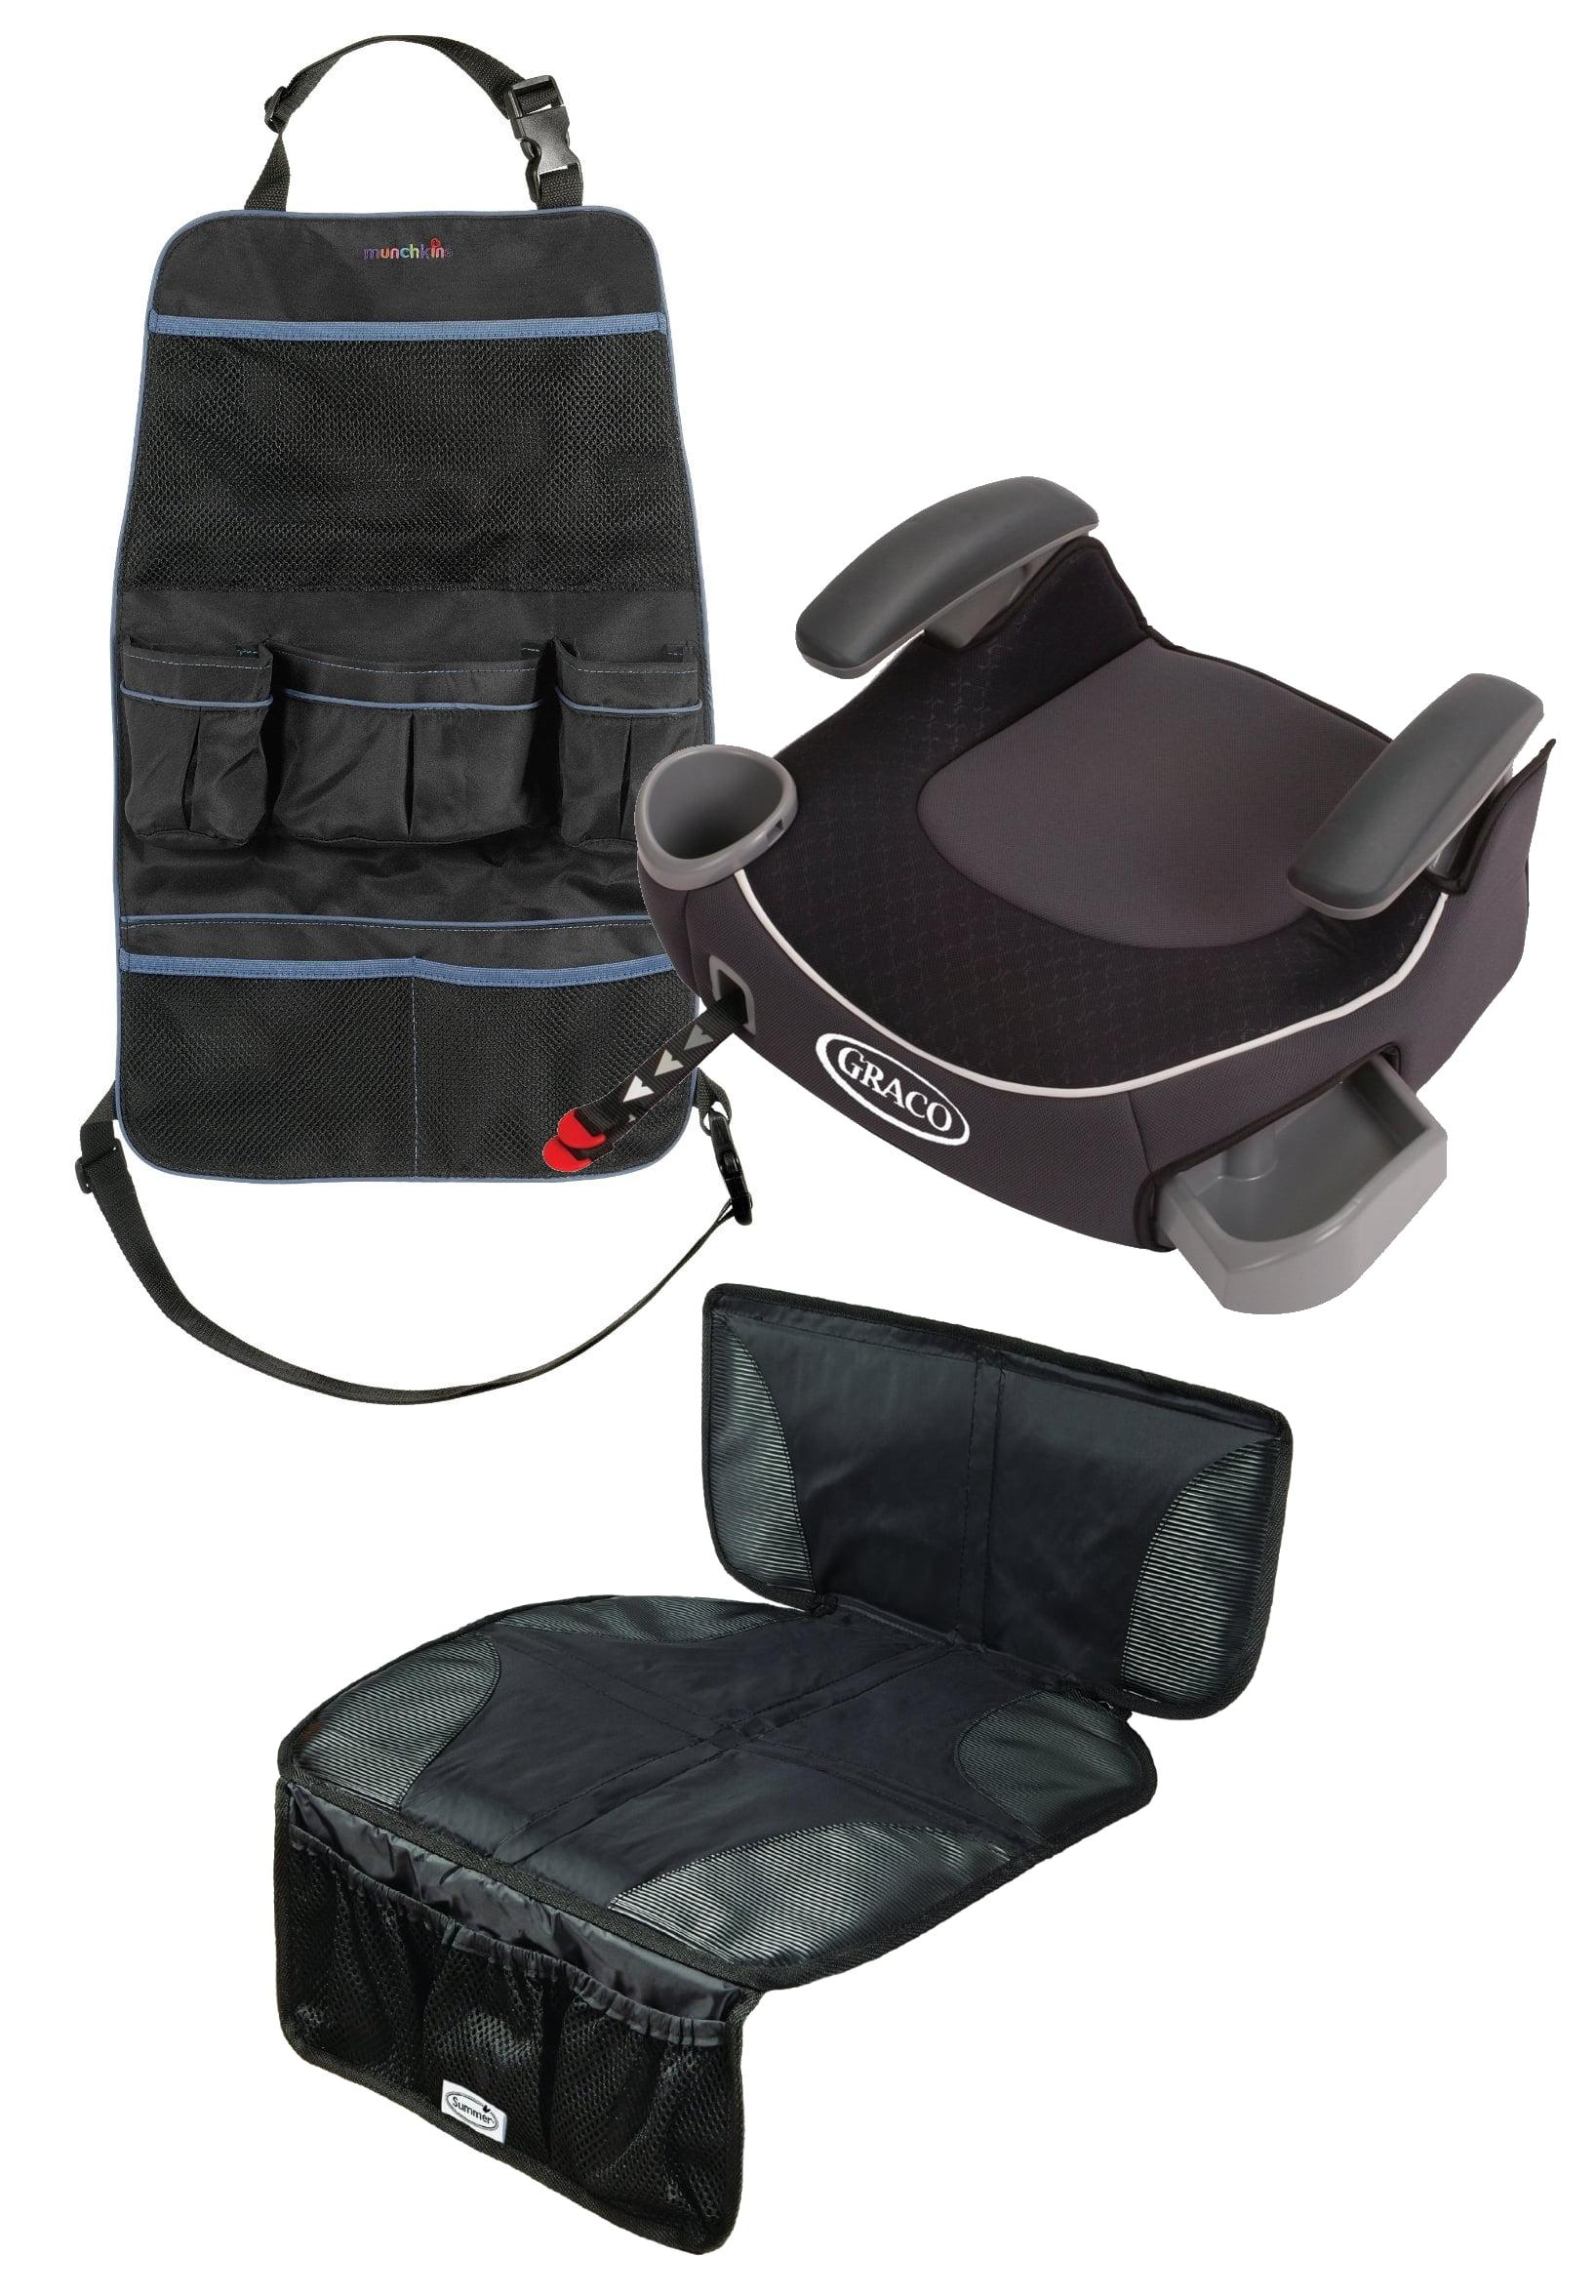 Silla De Carro Para Bebe Afijo de Graco Booster sin respaldo asiento con asiento trasero Mat organizador, Davenport + Graco en Veo y Compro